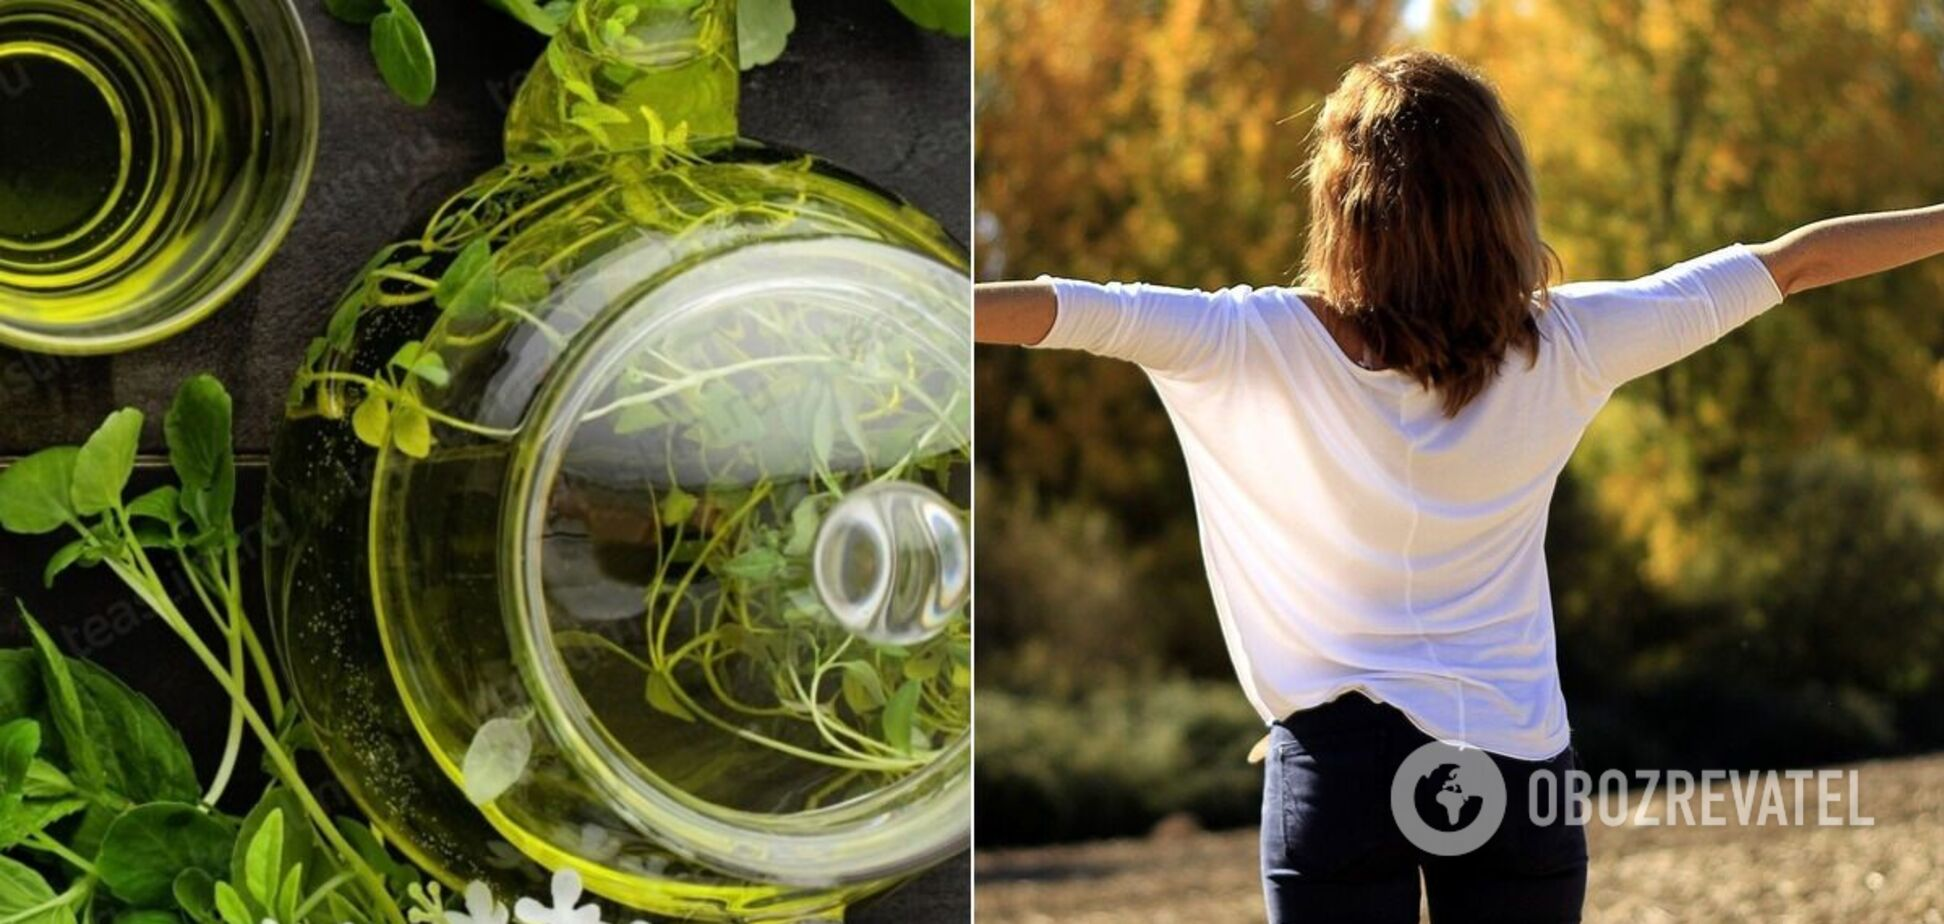 Зелений чай, дихання і яблука: топ-5 способів боротьби з осінньою нудьгою